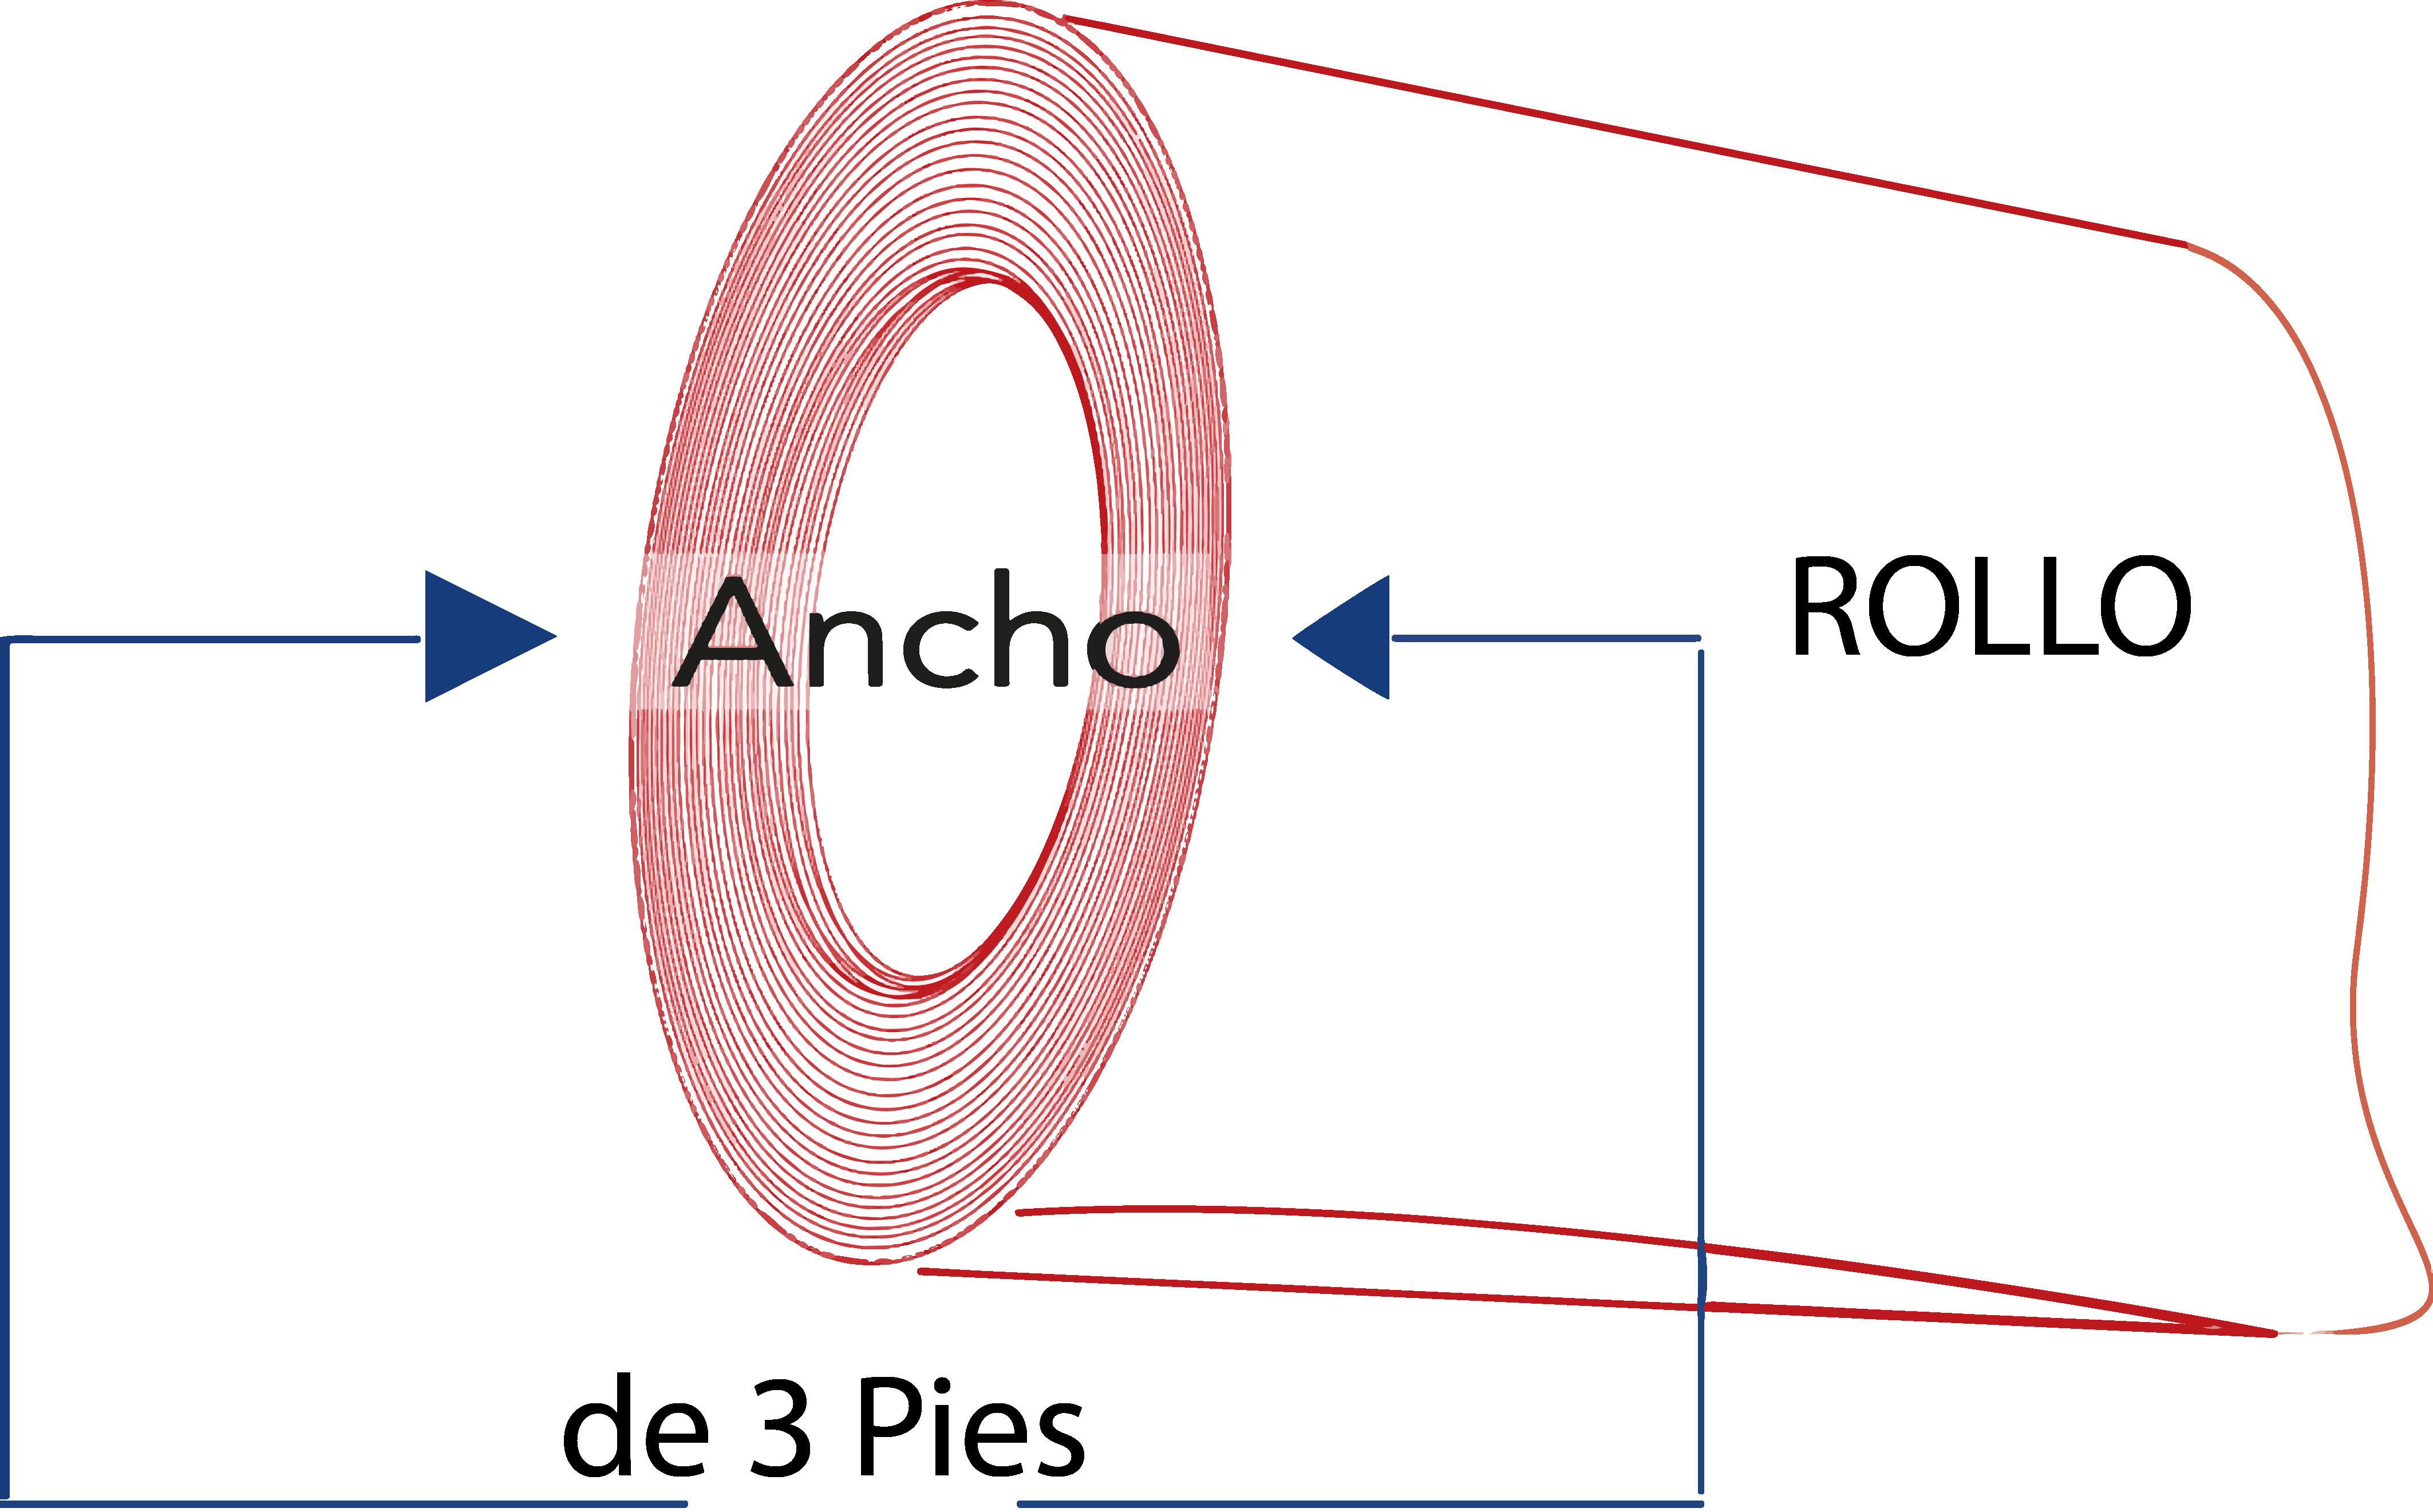 Diagrama del rollo de 3 pies